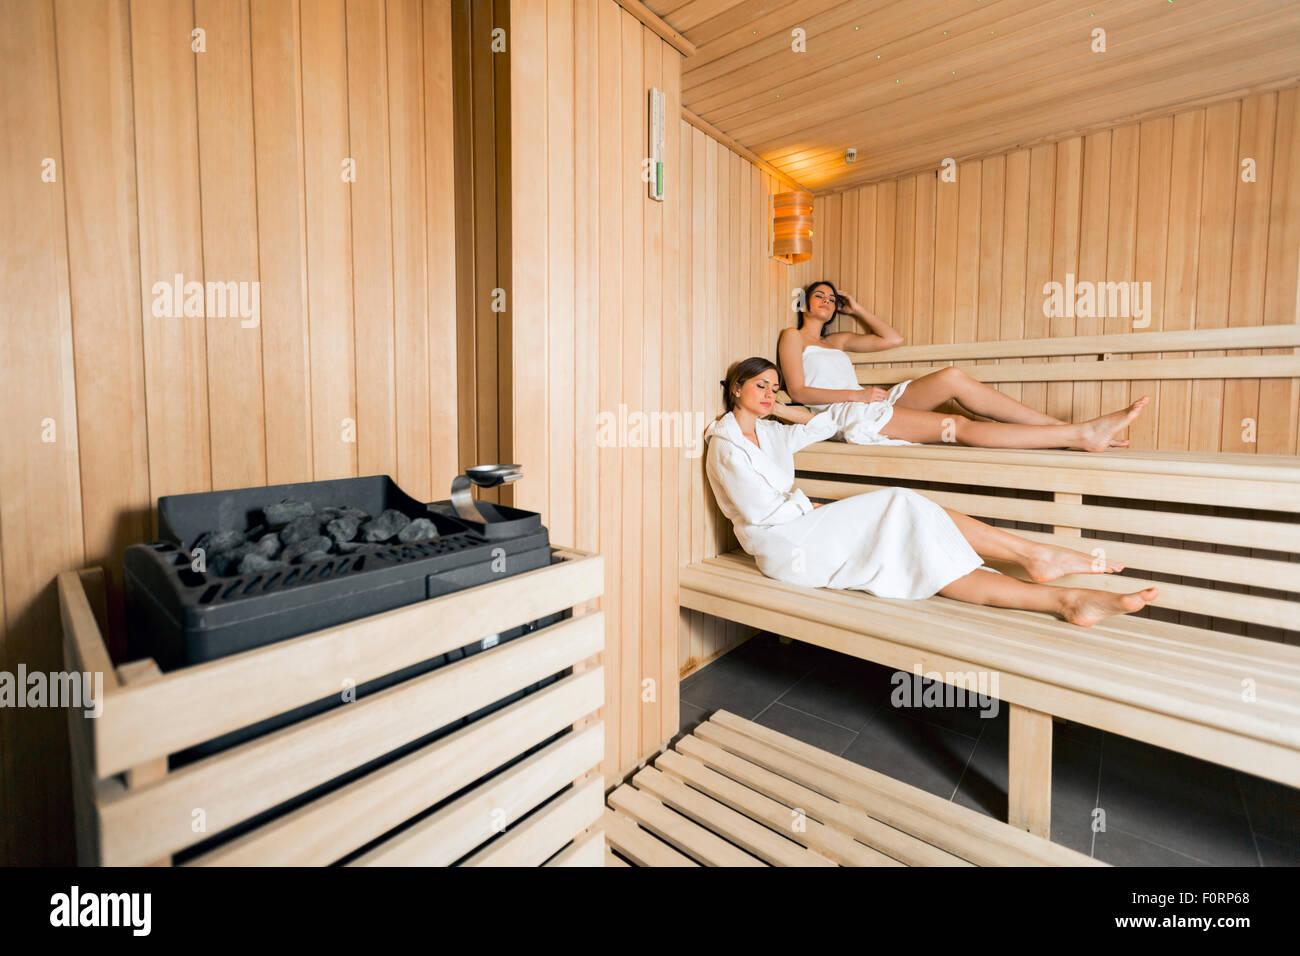 Saunaofen in eine gemütliche Sauna und Mädchen entspannen im Hintergrund Stockbild